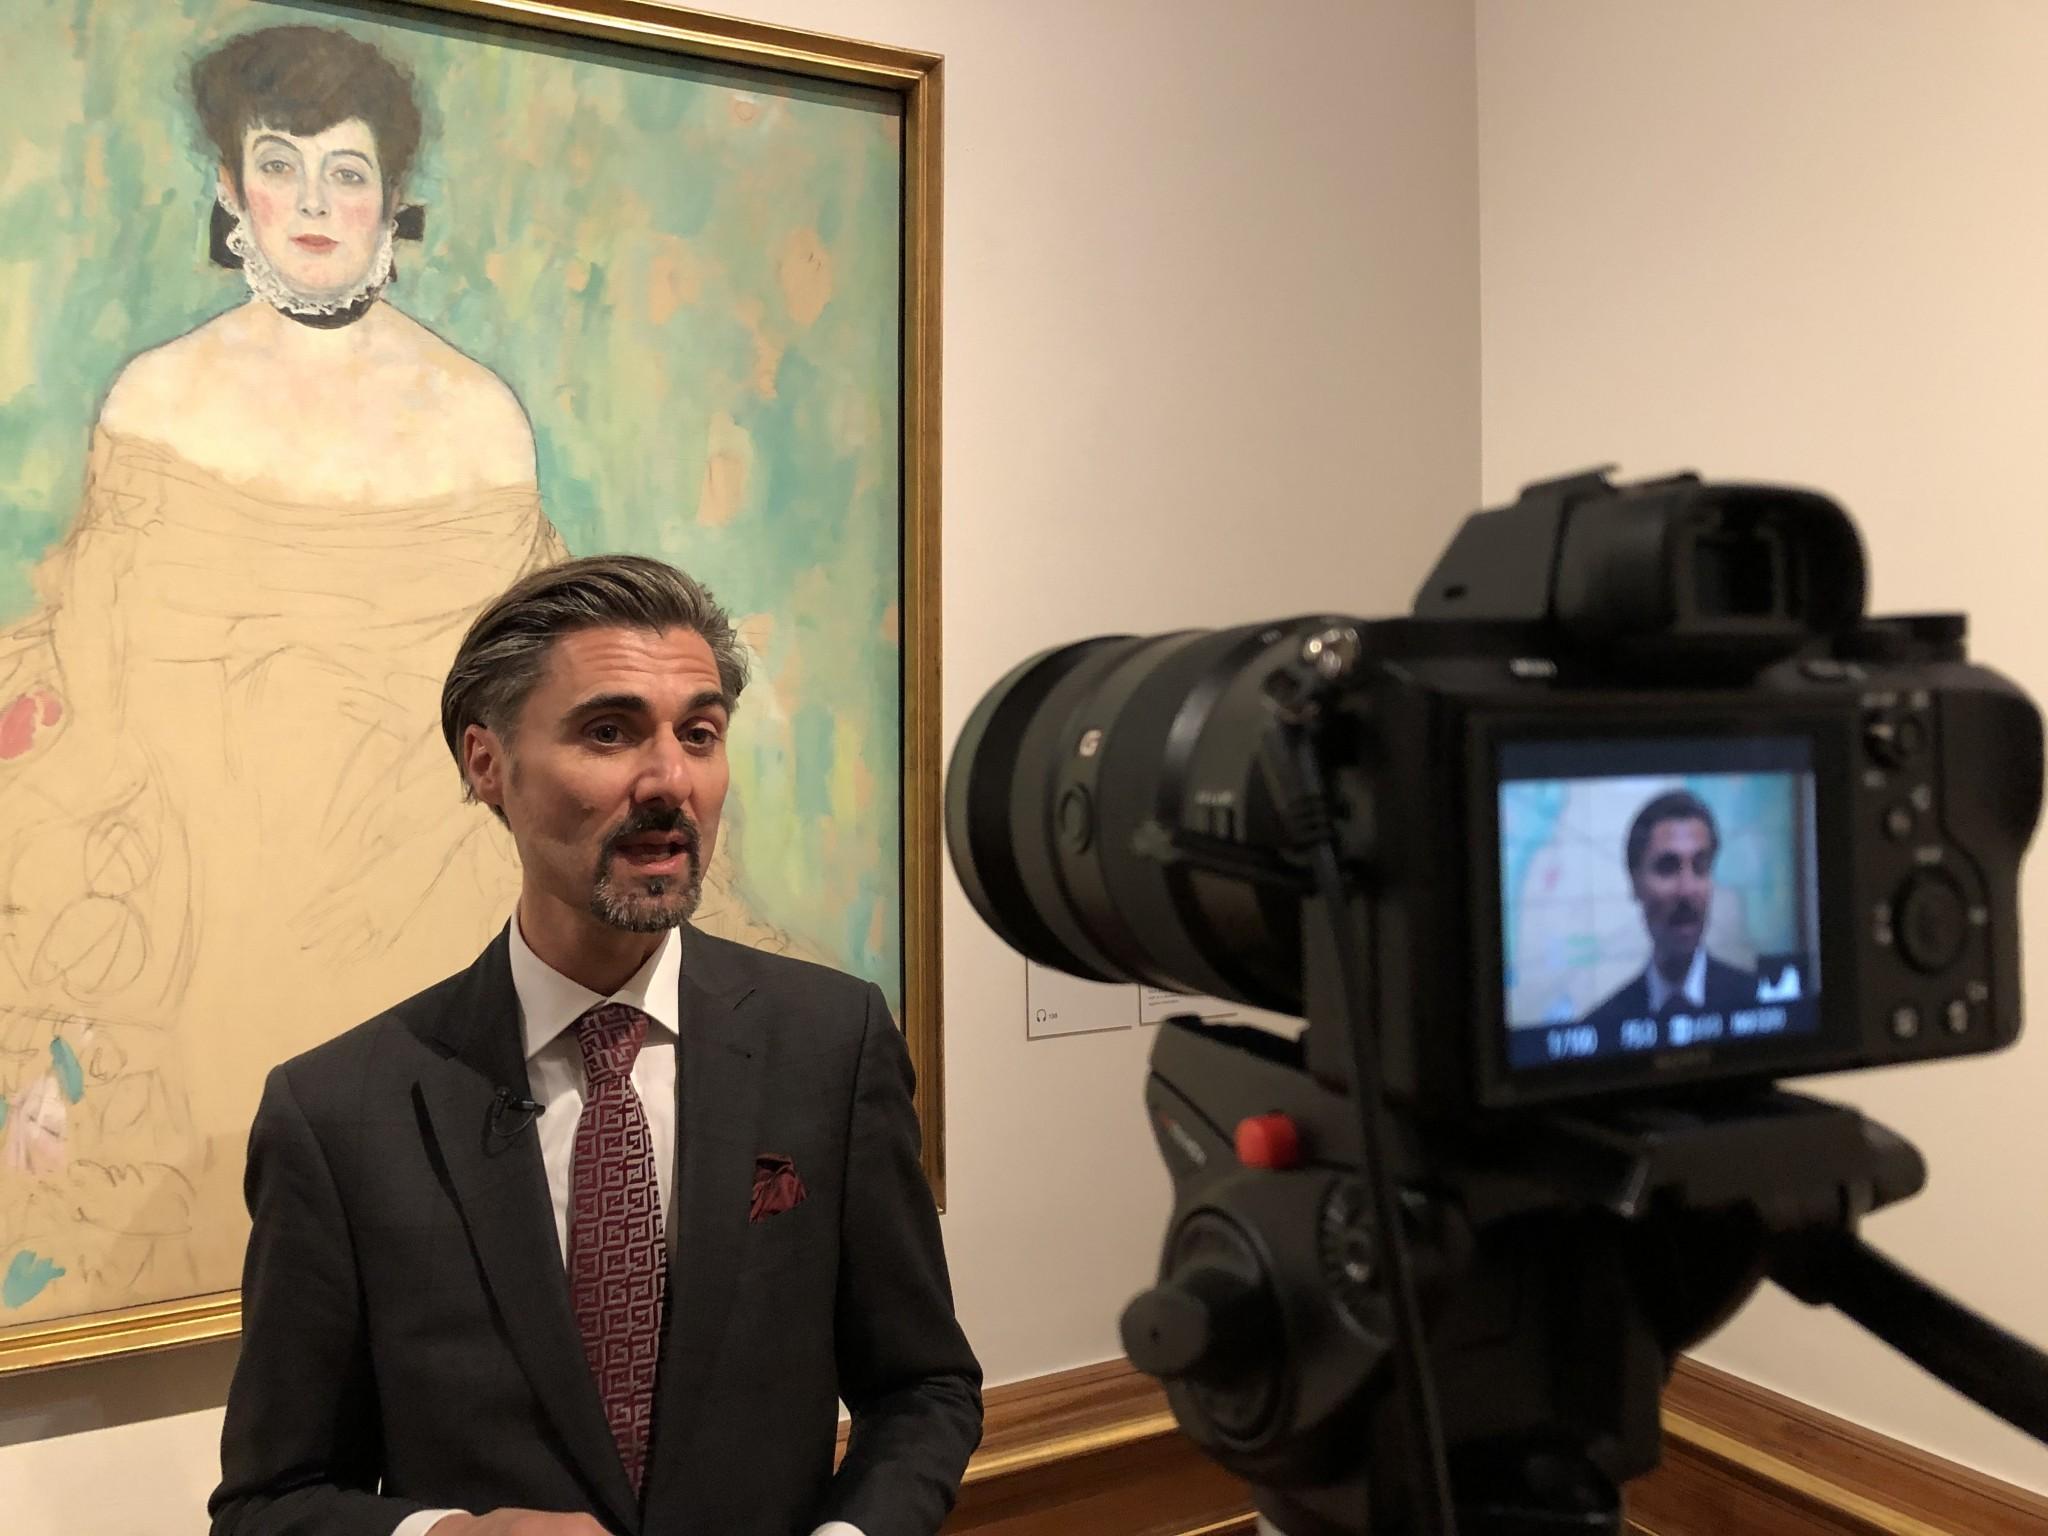 Kunstvermittler Markus Hübl in der Schausammlung im Oberen Belvedere Foto: Florian Waitzbauer / Belvedere, Wien